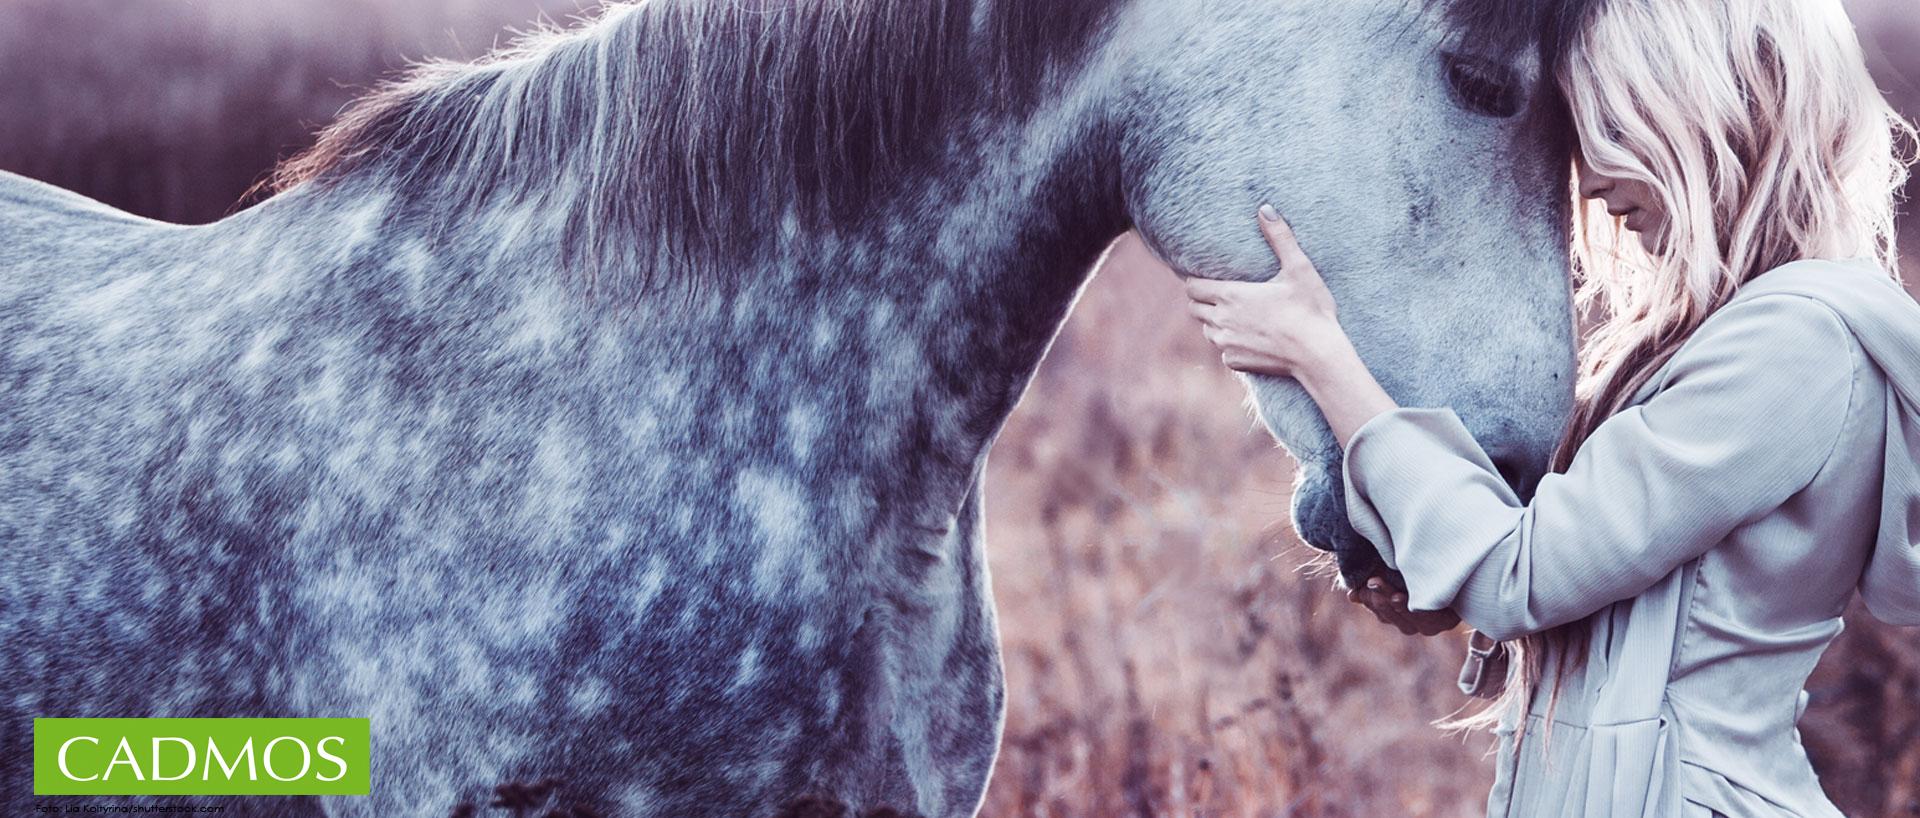 CADMOS für Pferdefreunde und Reiter …